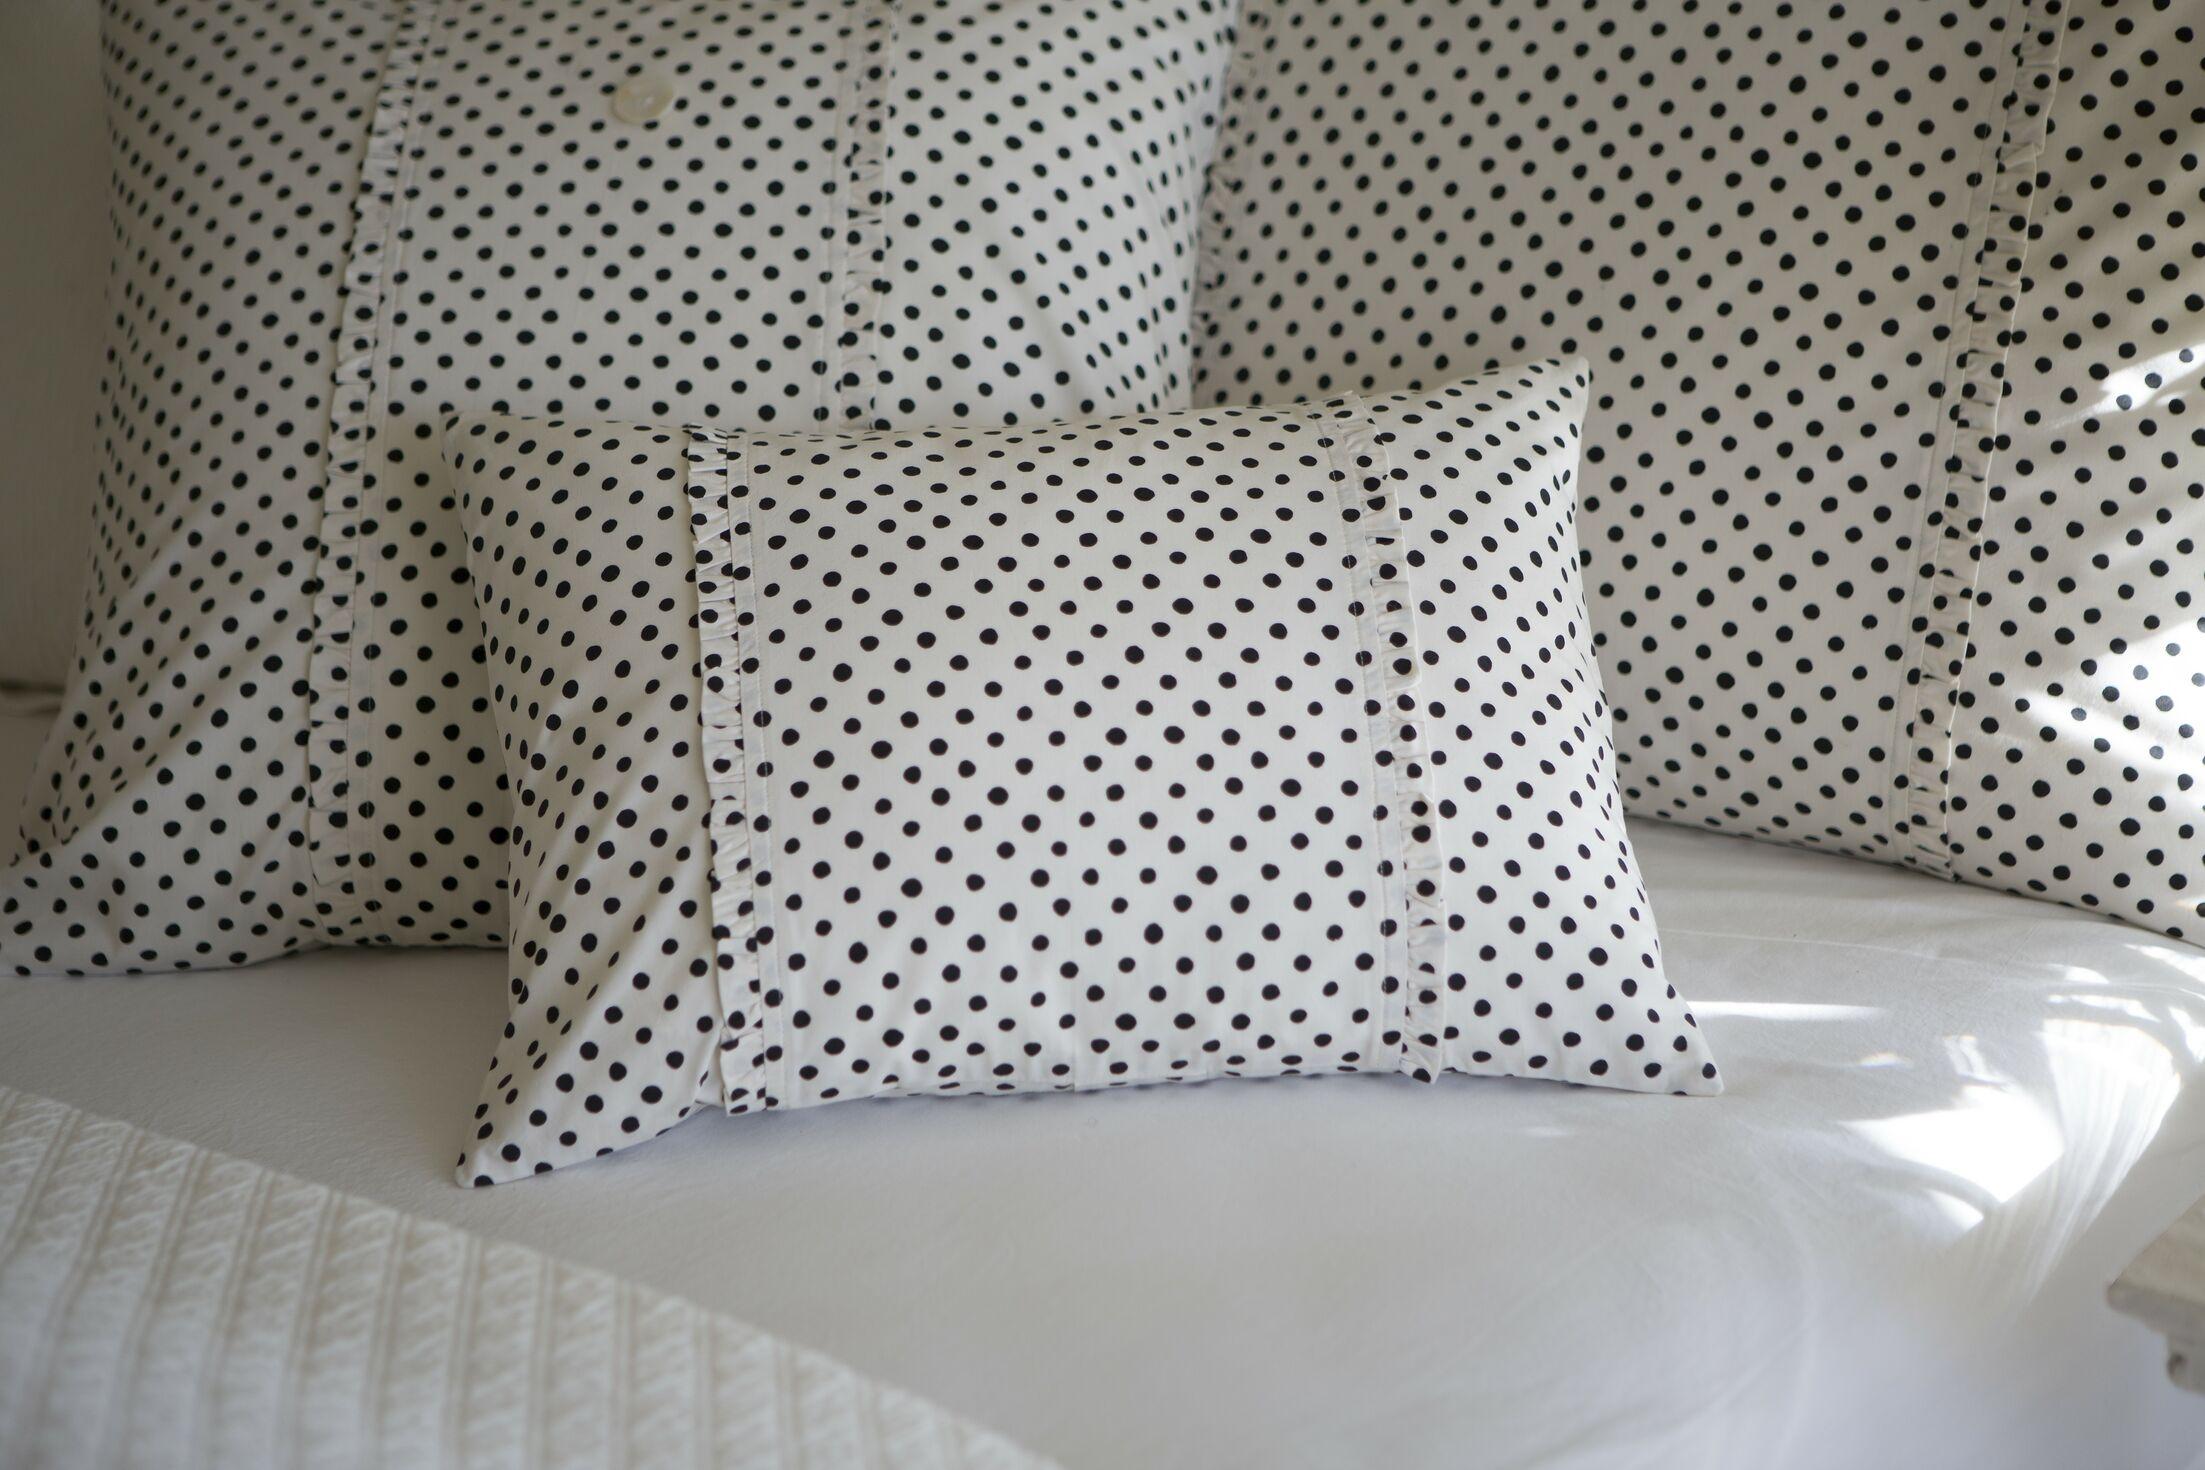 Dottie Cotton Boudoir Pillow